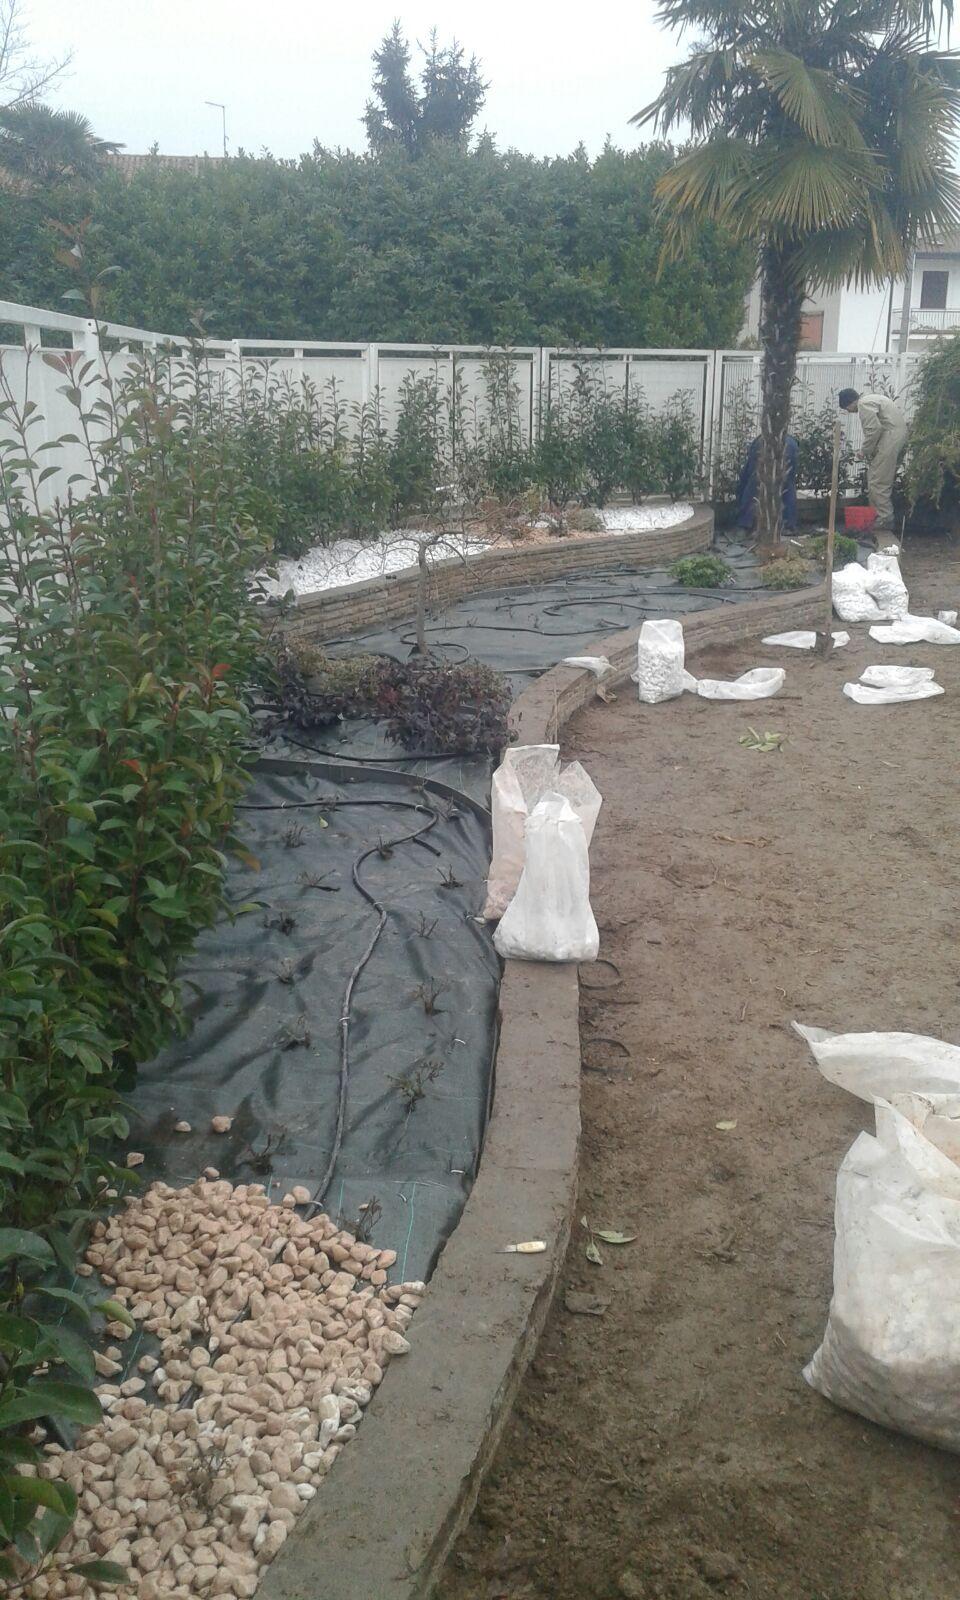 Progetta giardini 03-02 (2)